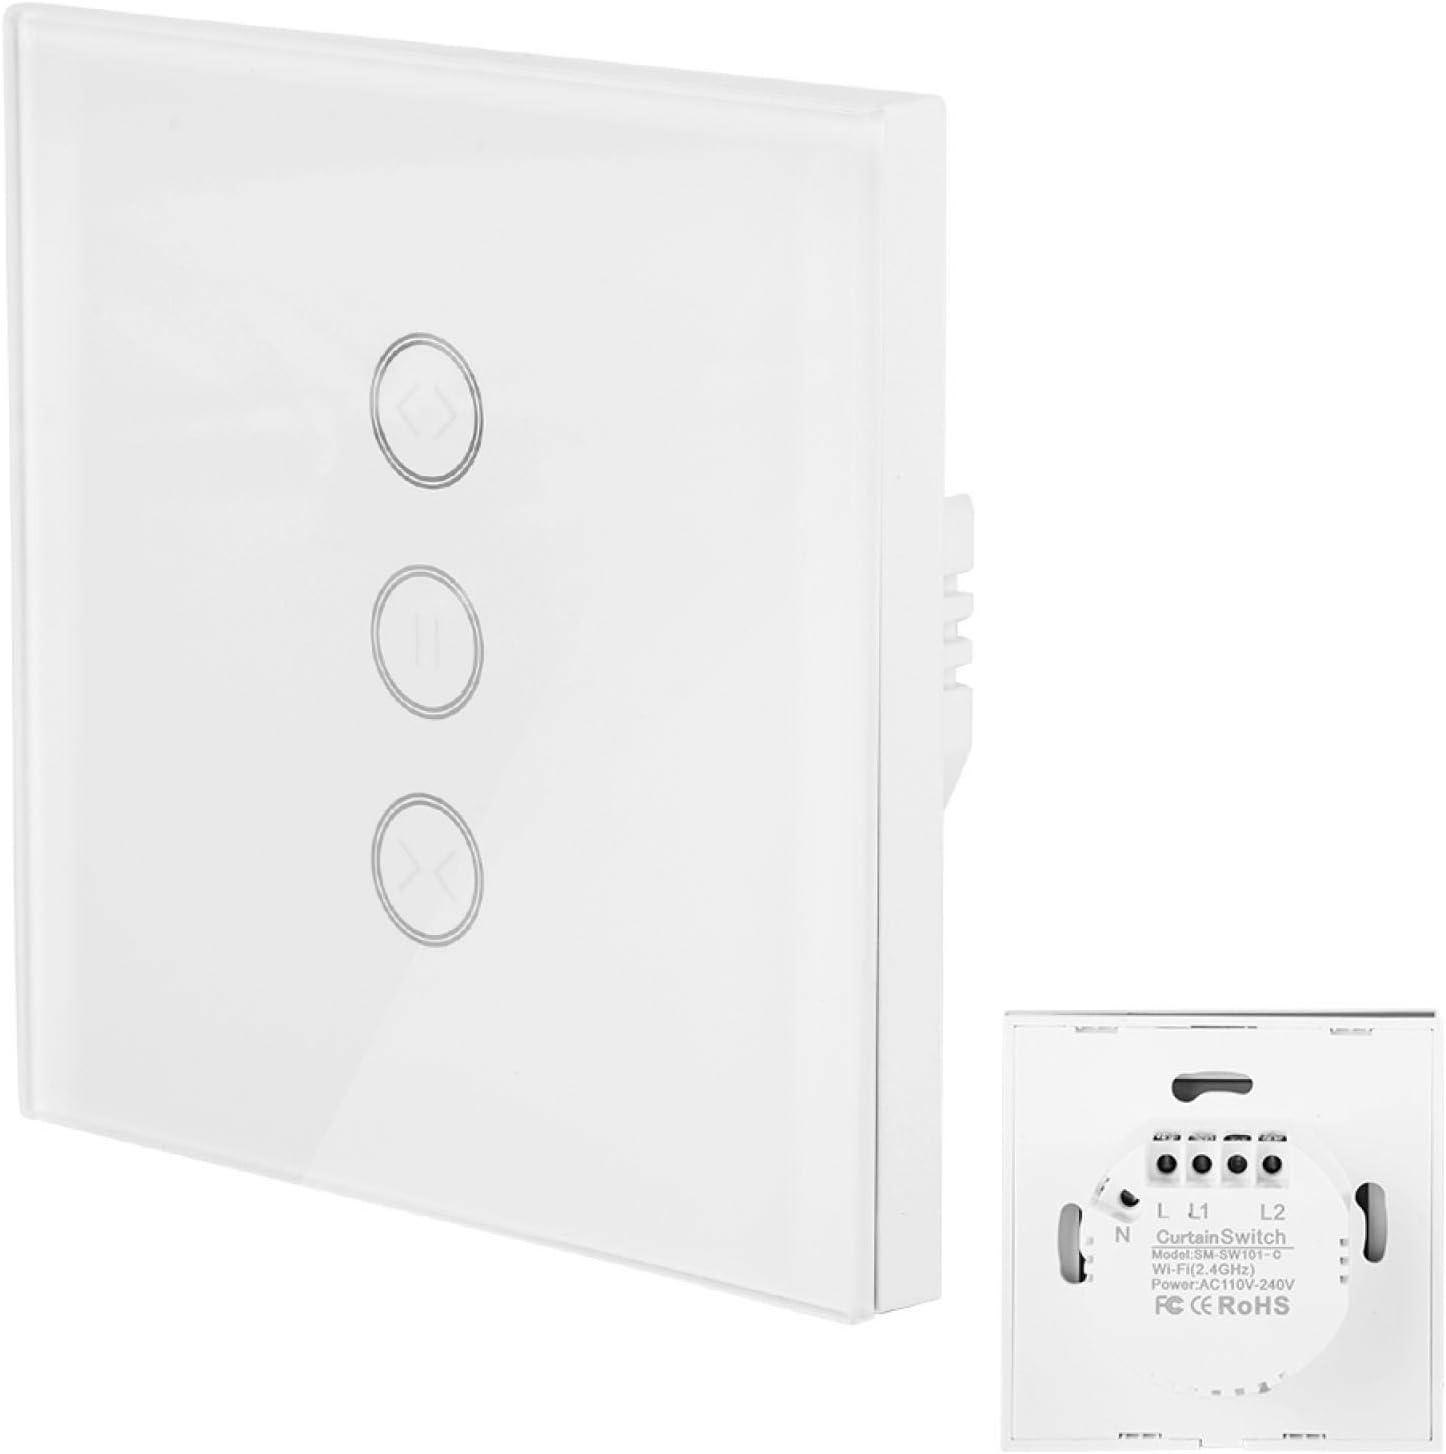 Control remoto Control remoto Interruptor de cortina Interruptor de WiFi Interruptor de cortina Panel de vidrio táctil de alta sensibilidad Ahorre problemas, adecuado para dormitorios